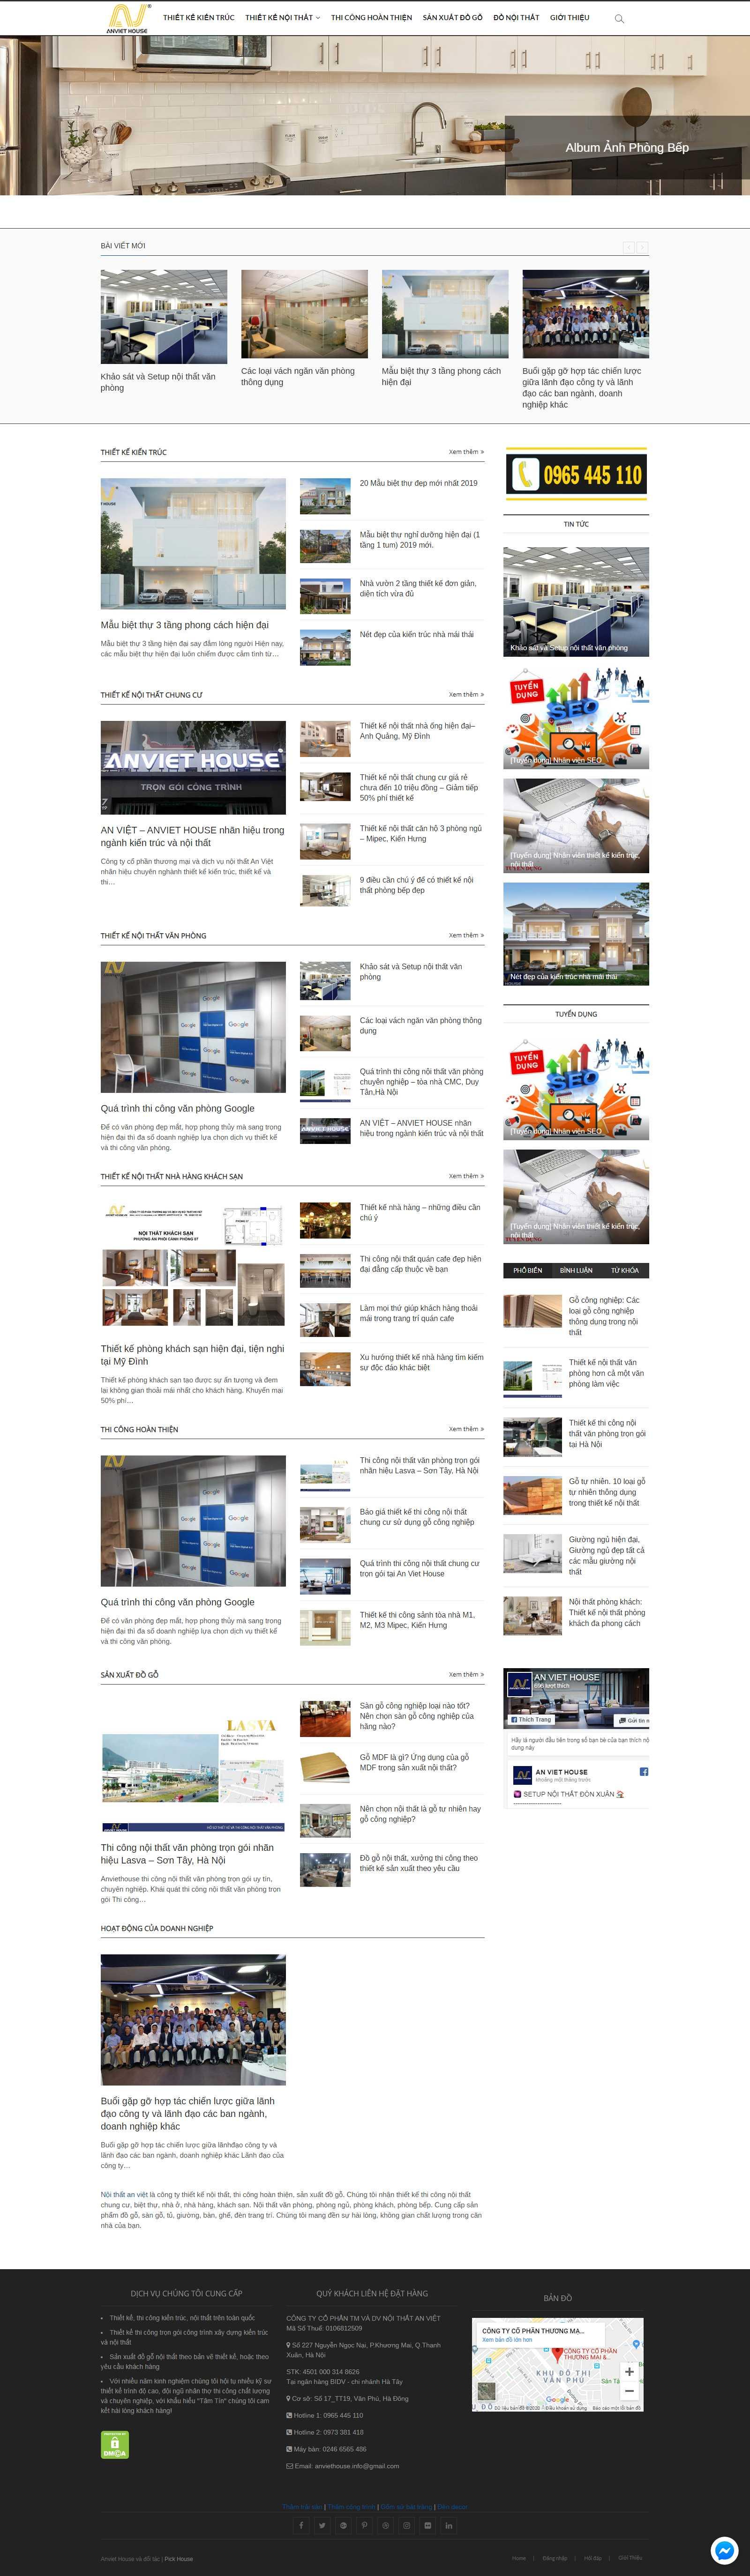 Thiết kế Web Cần Thơ - anviethouse.vn